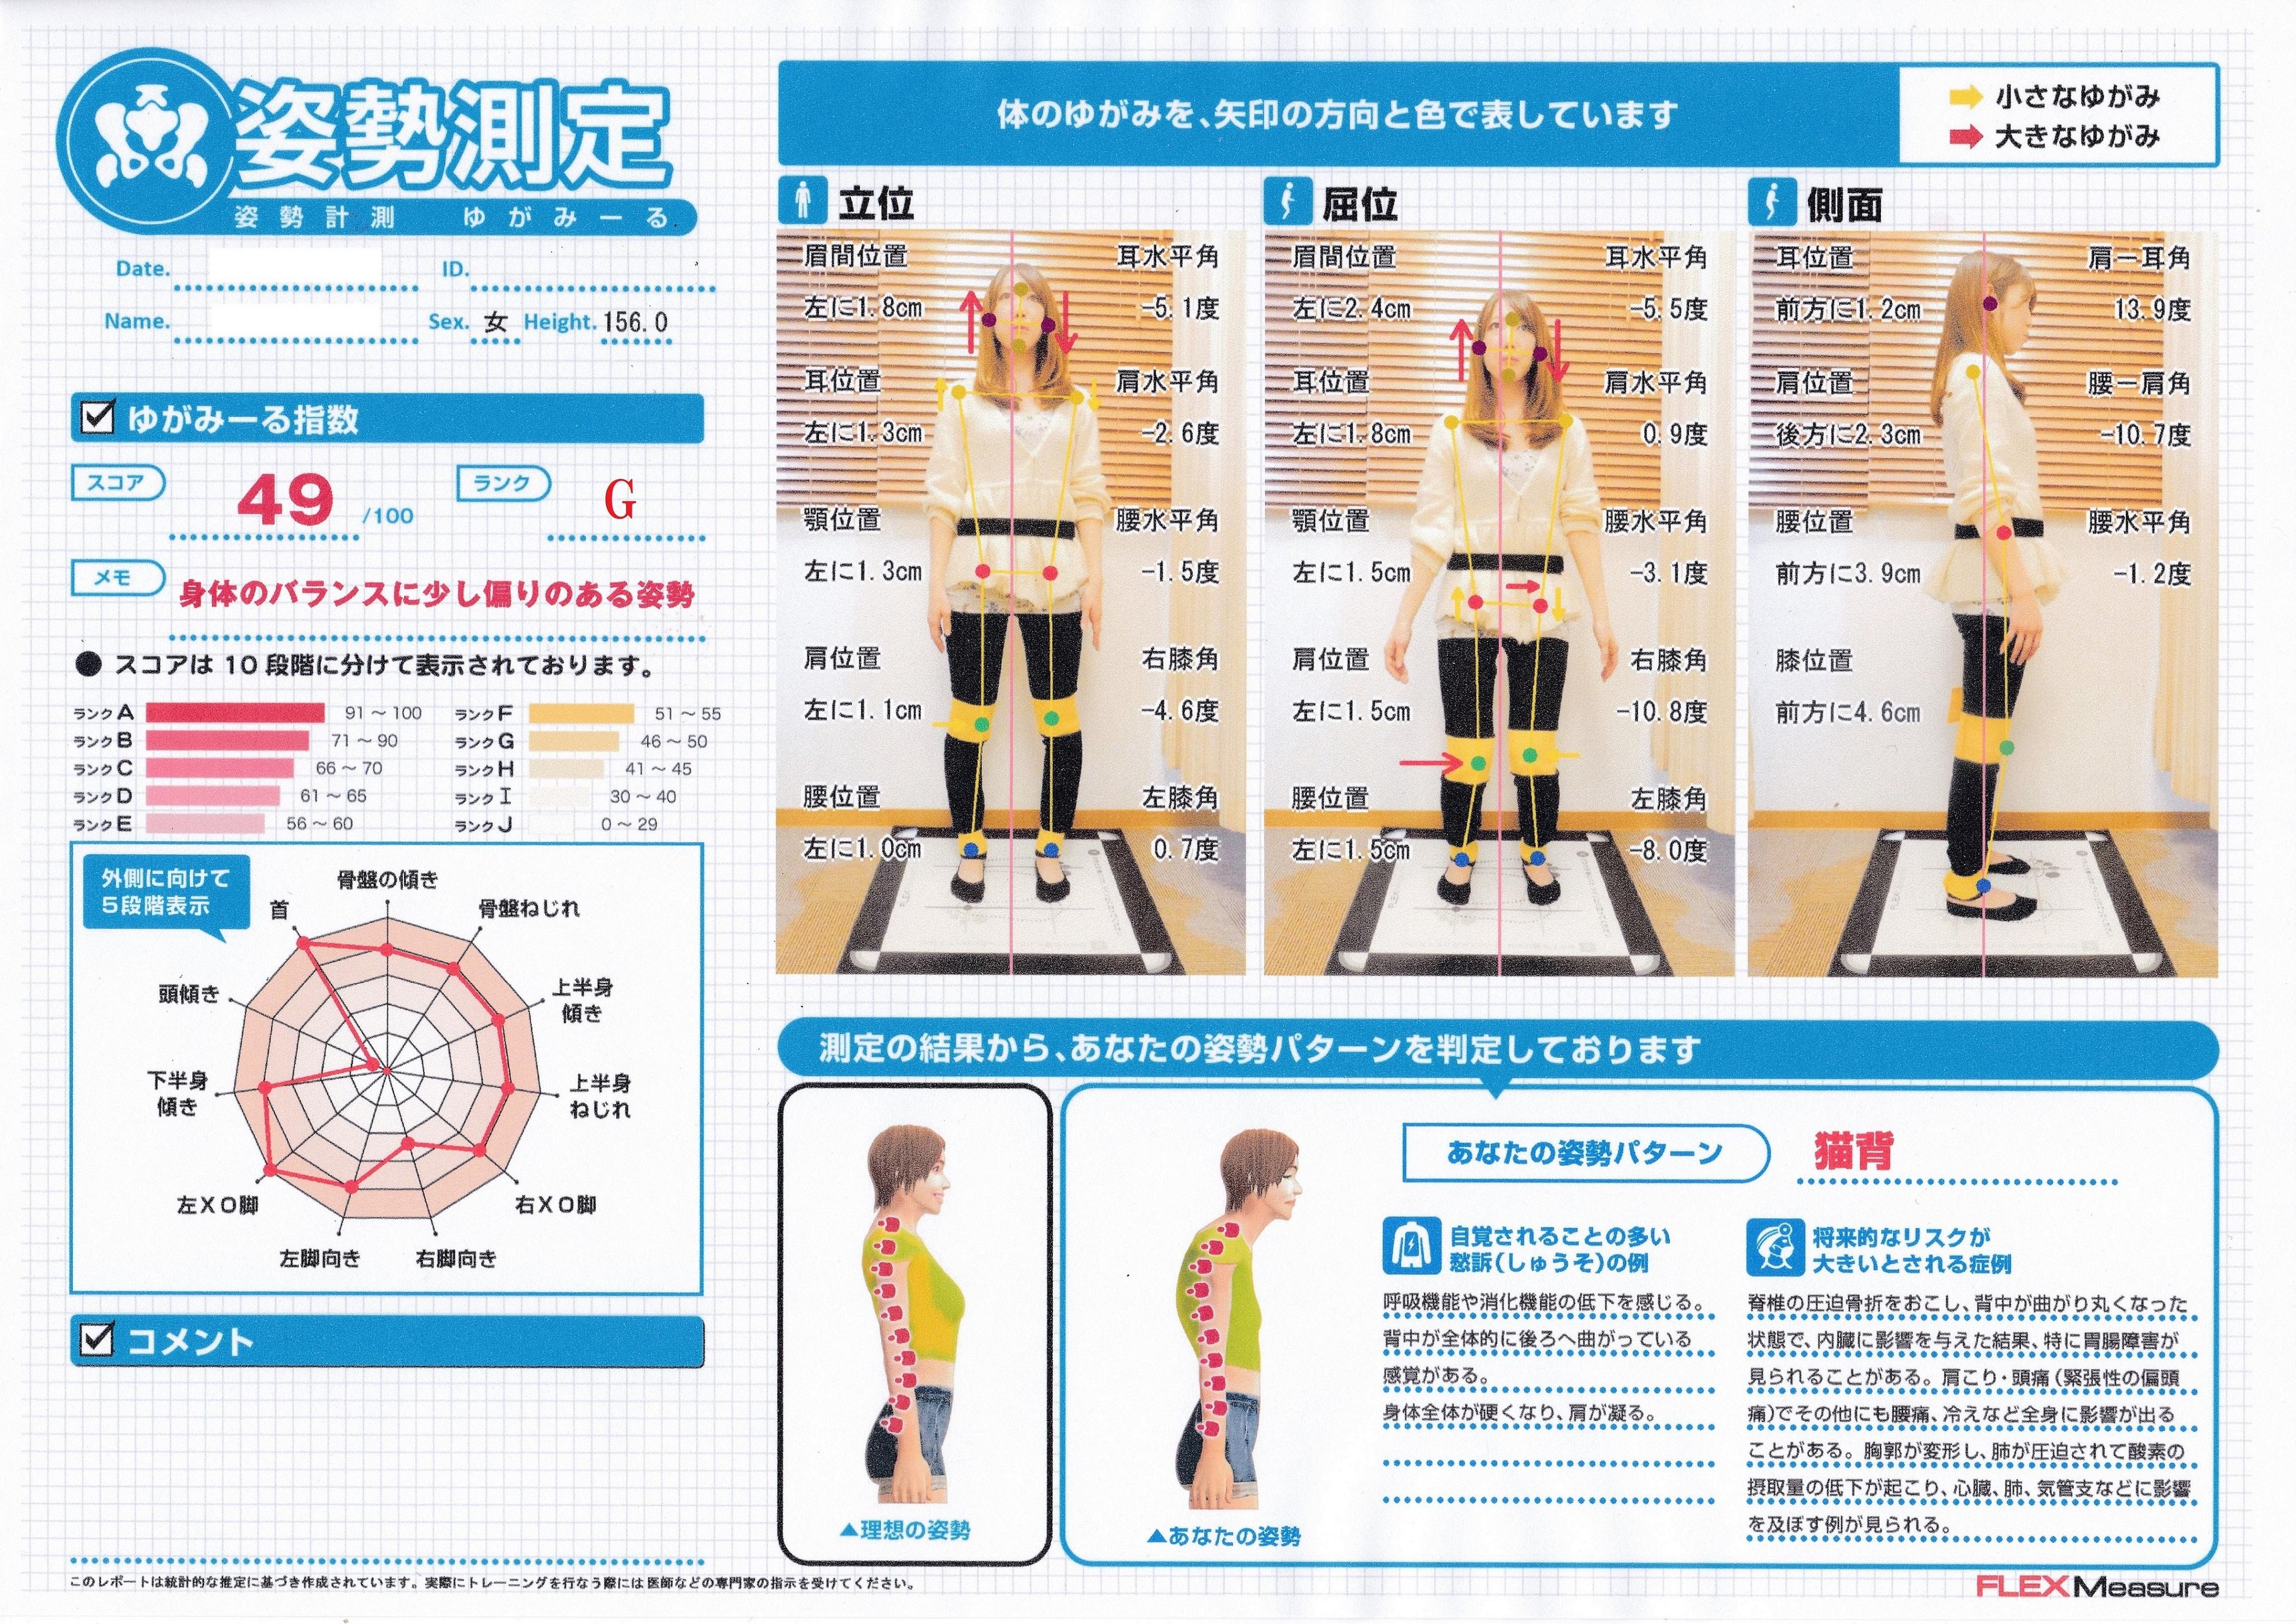 細かく姿勢分析をチェックできるのはおゆみ野、鎌取駅のセレネ整骨院